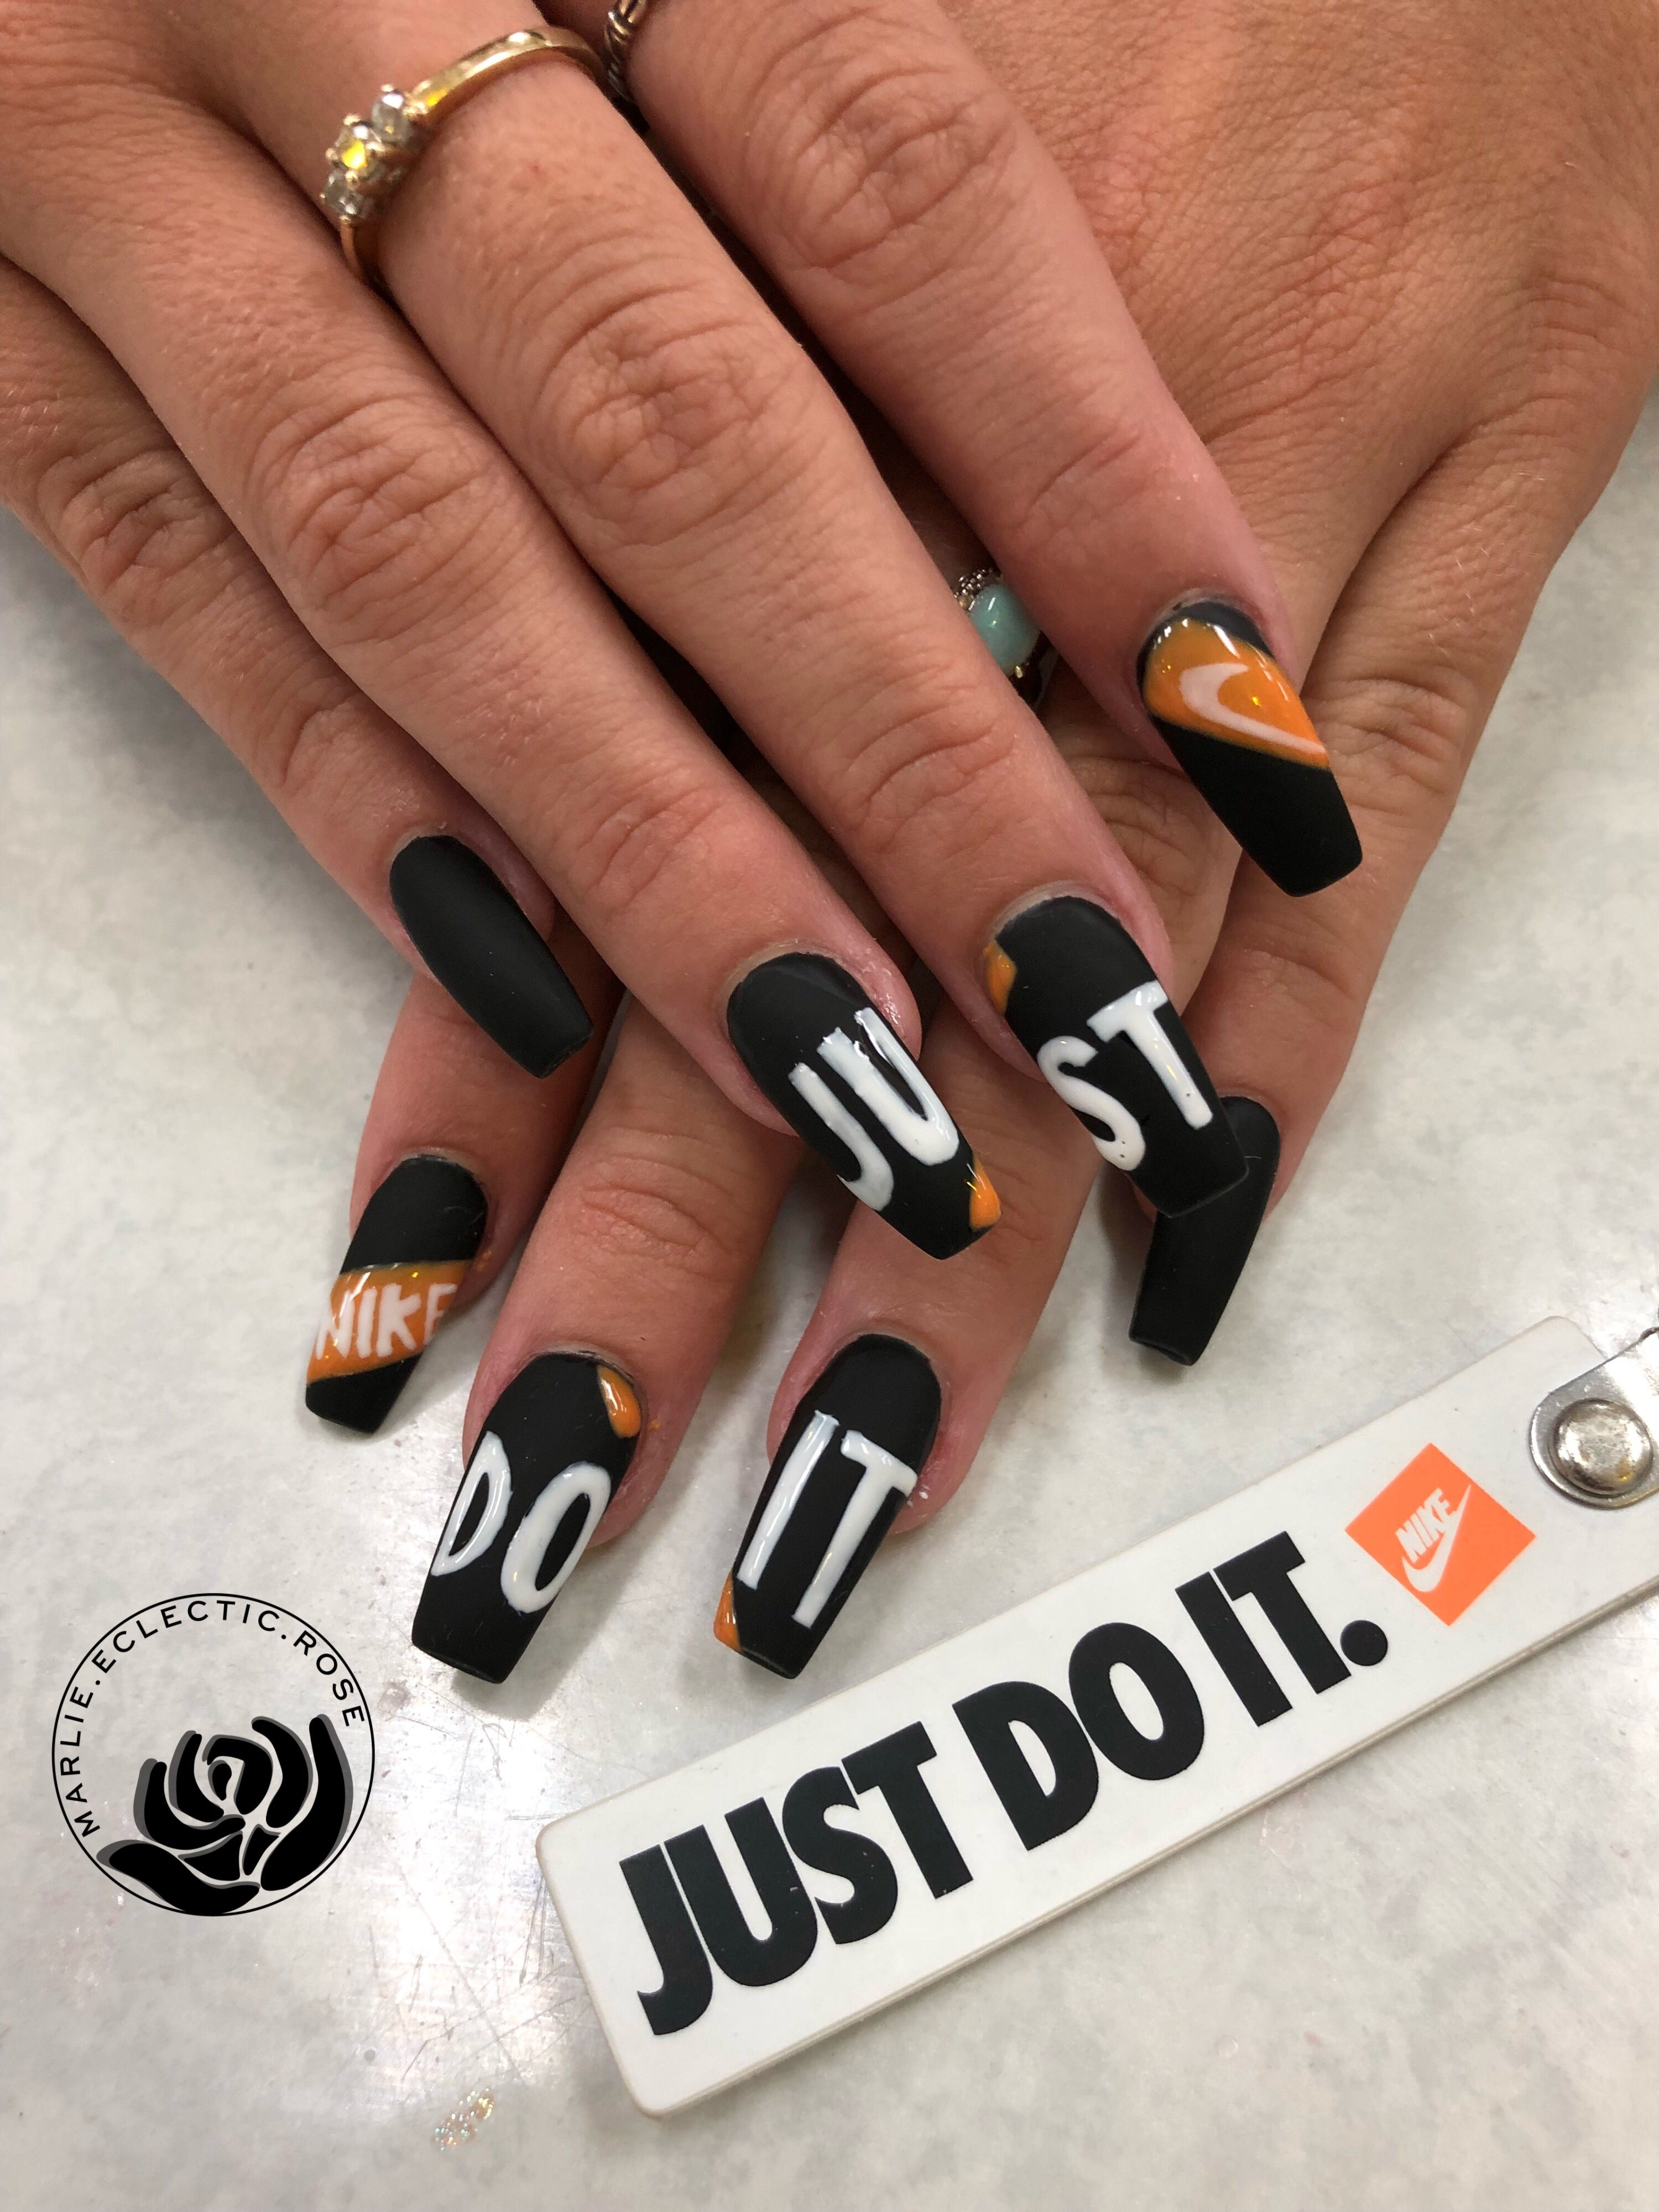 Nike Nails Dip Powder Nails Nike Nails Pretty Acrylic Nails